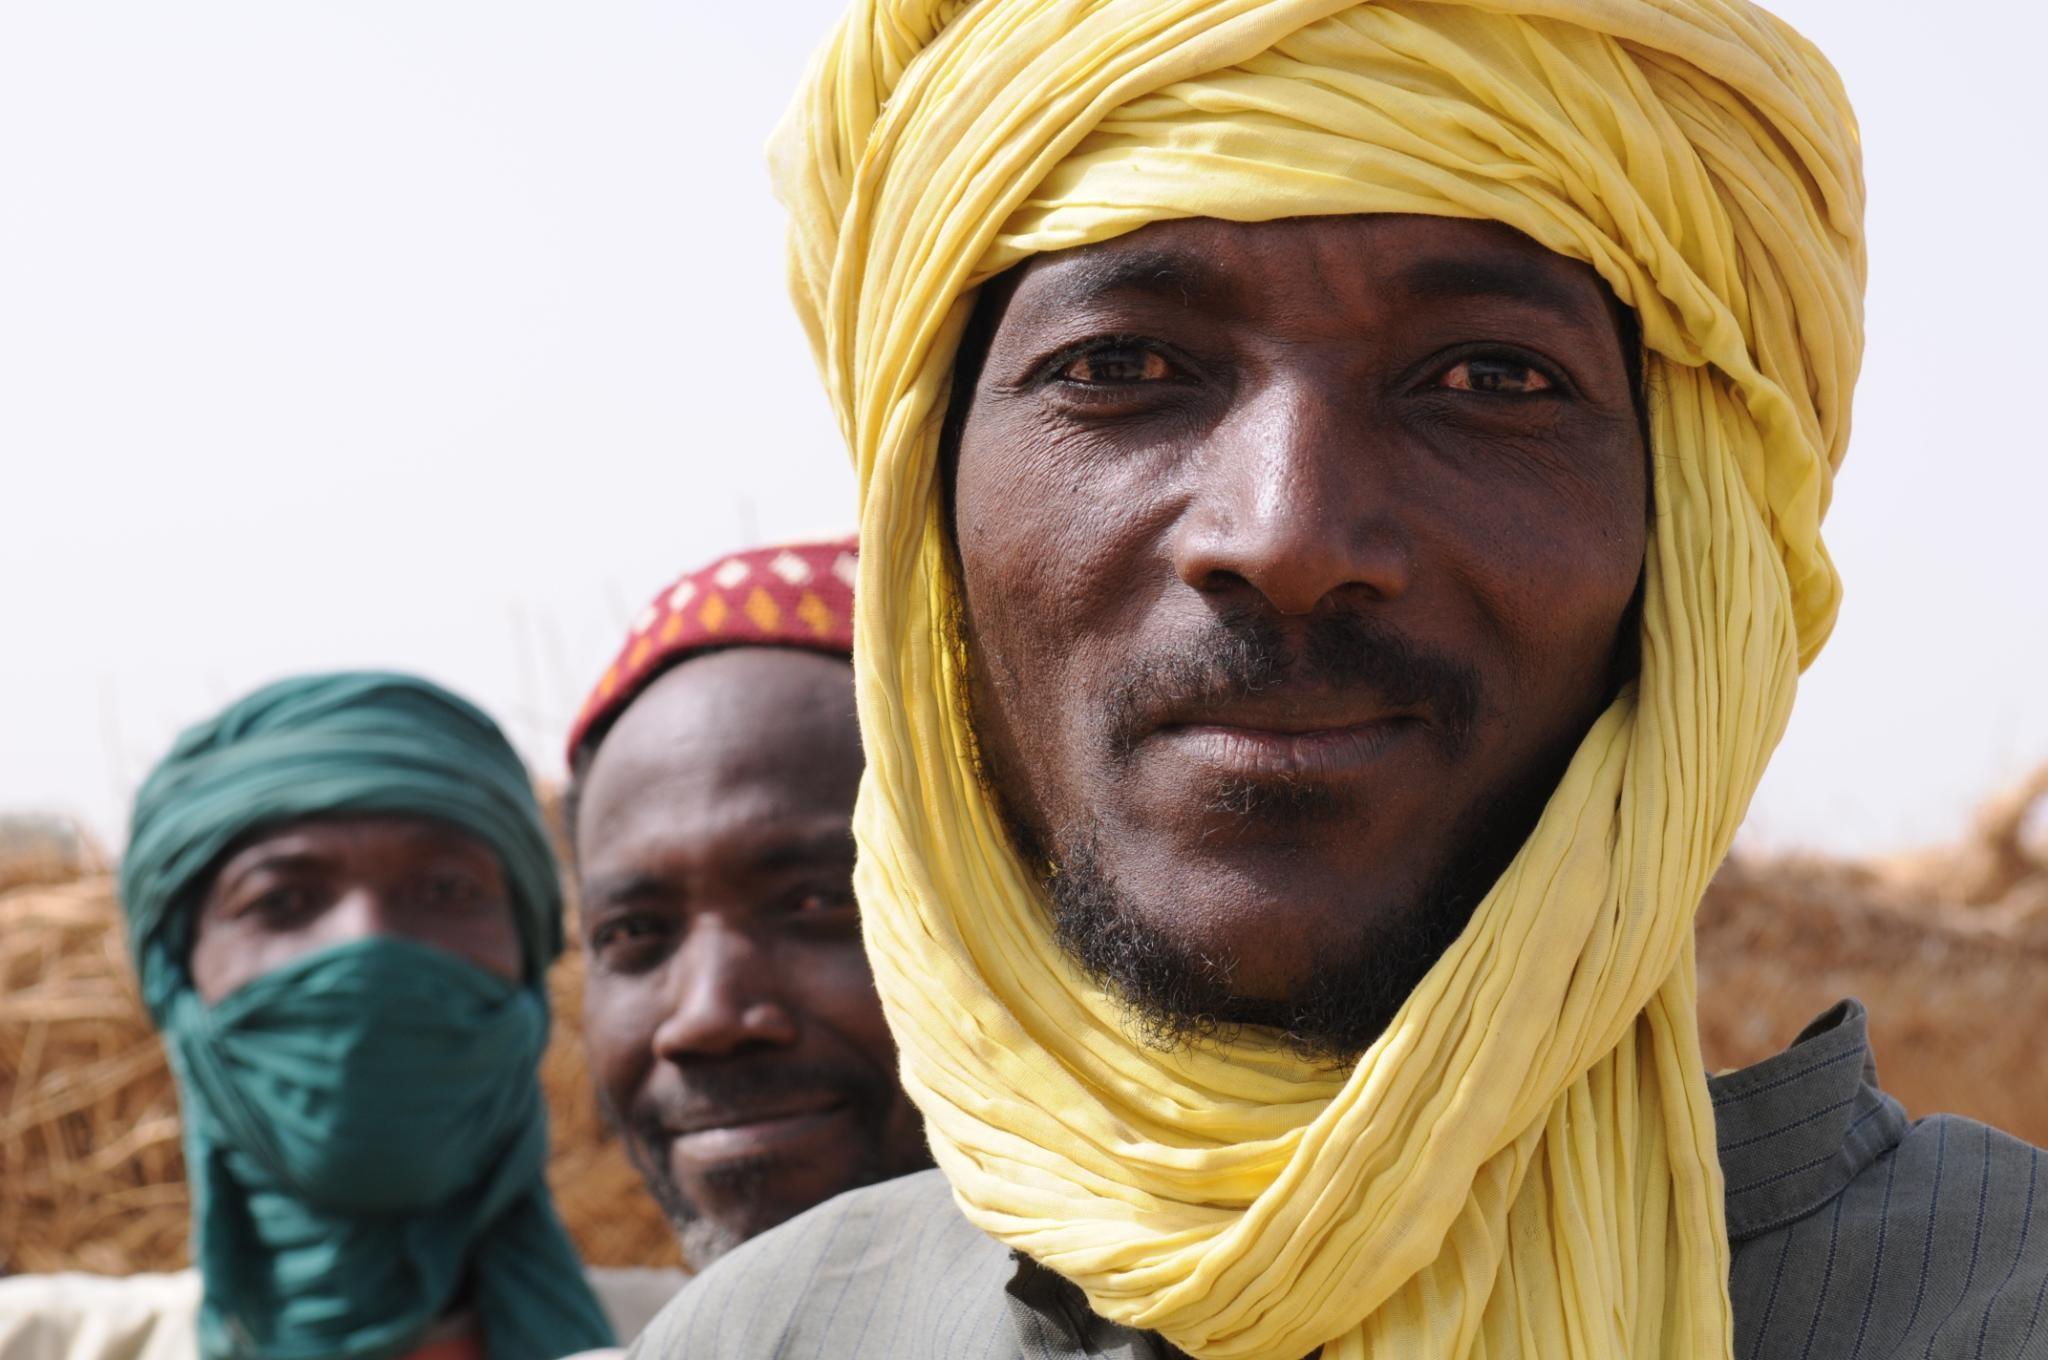 nigerien men